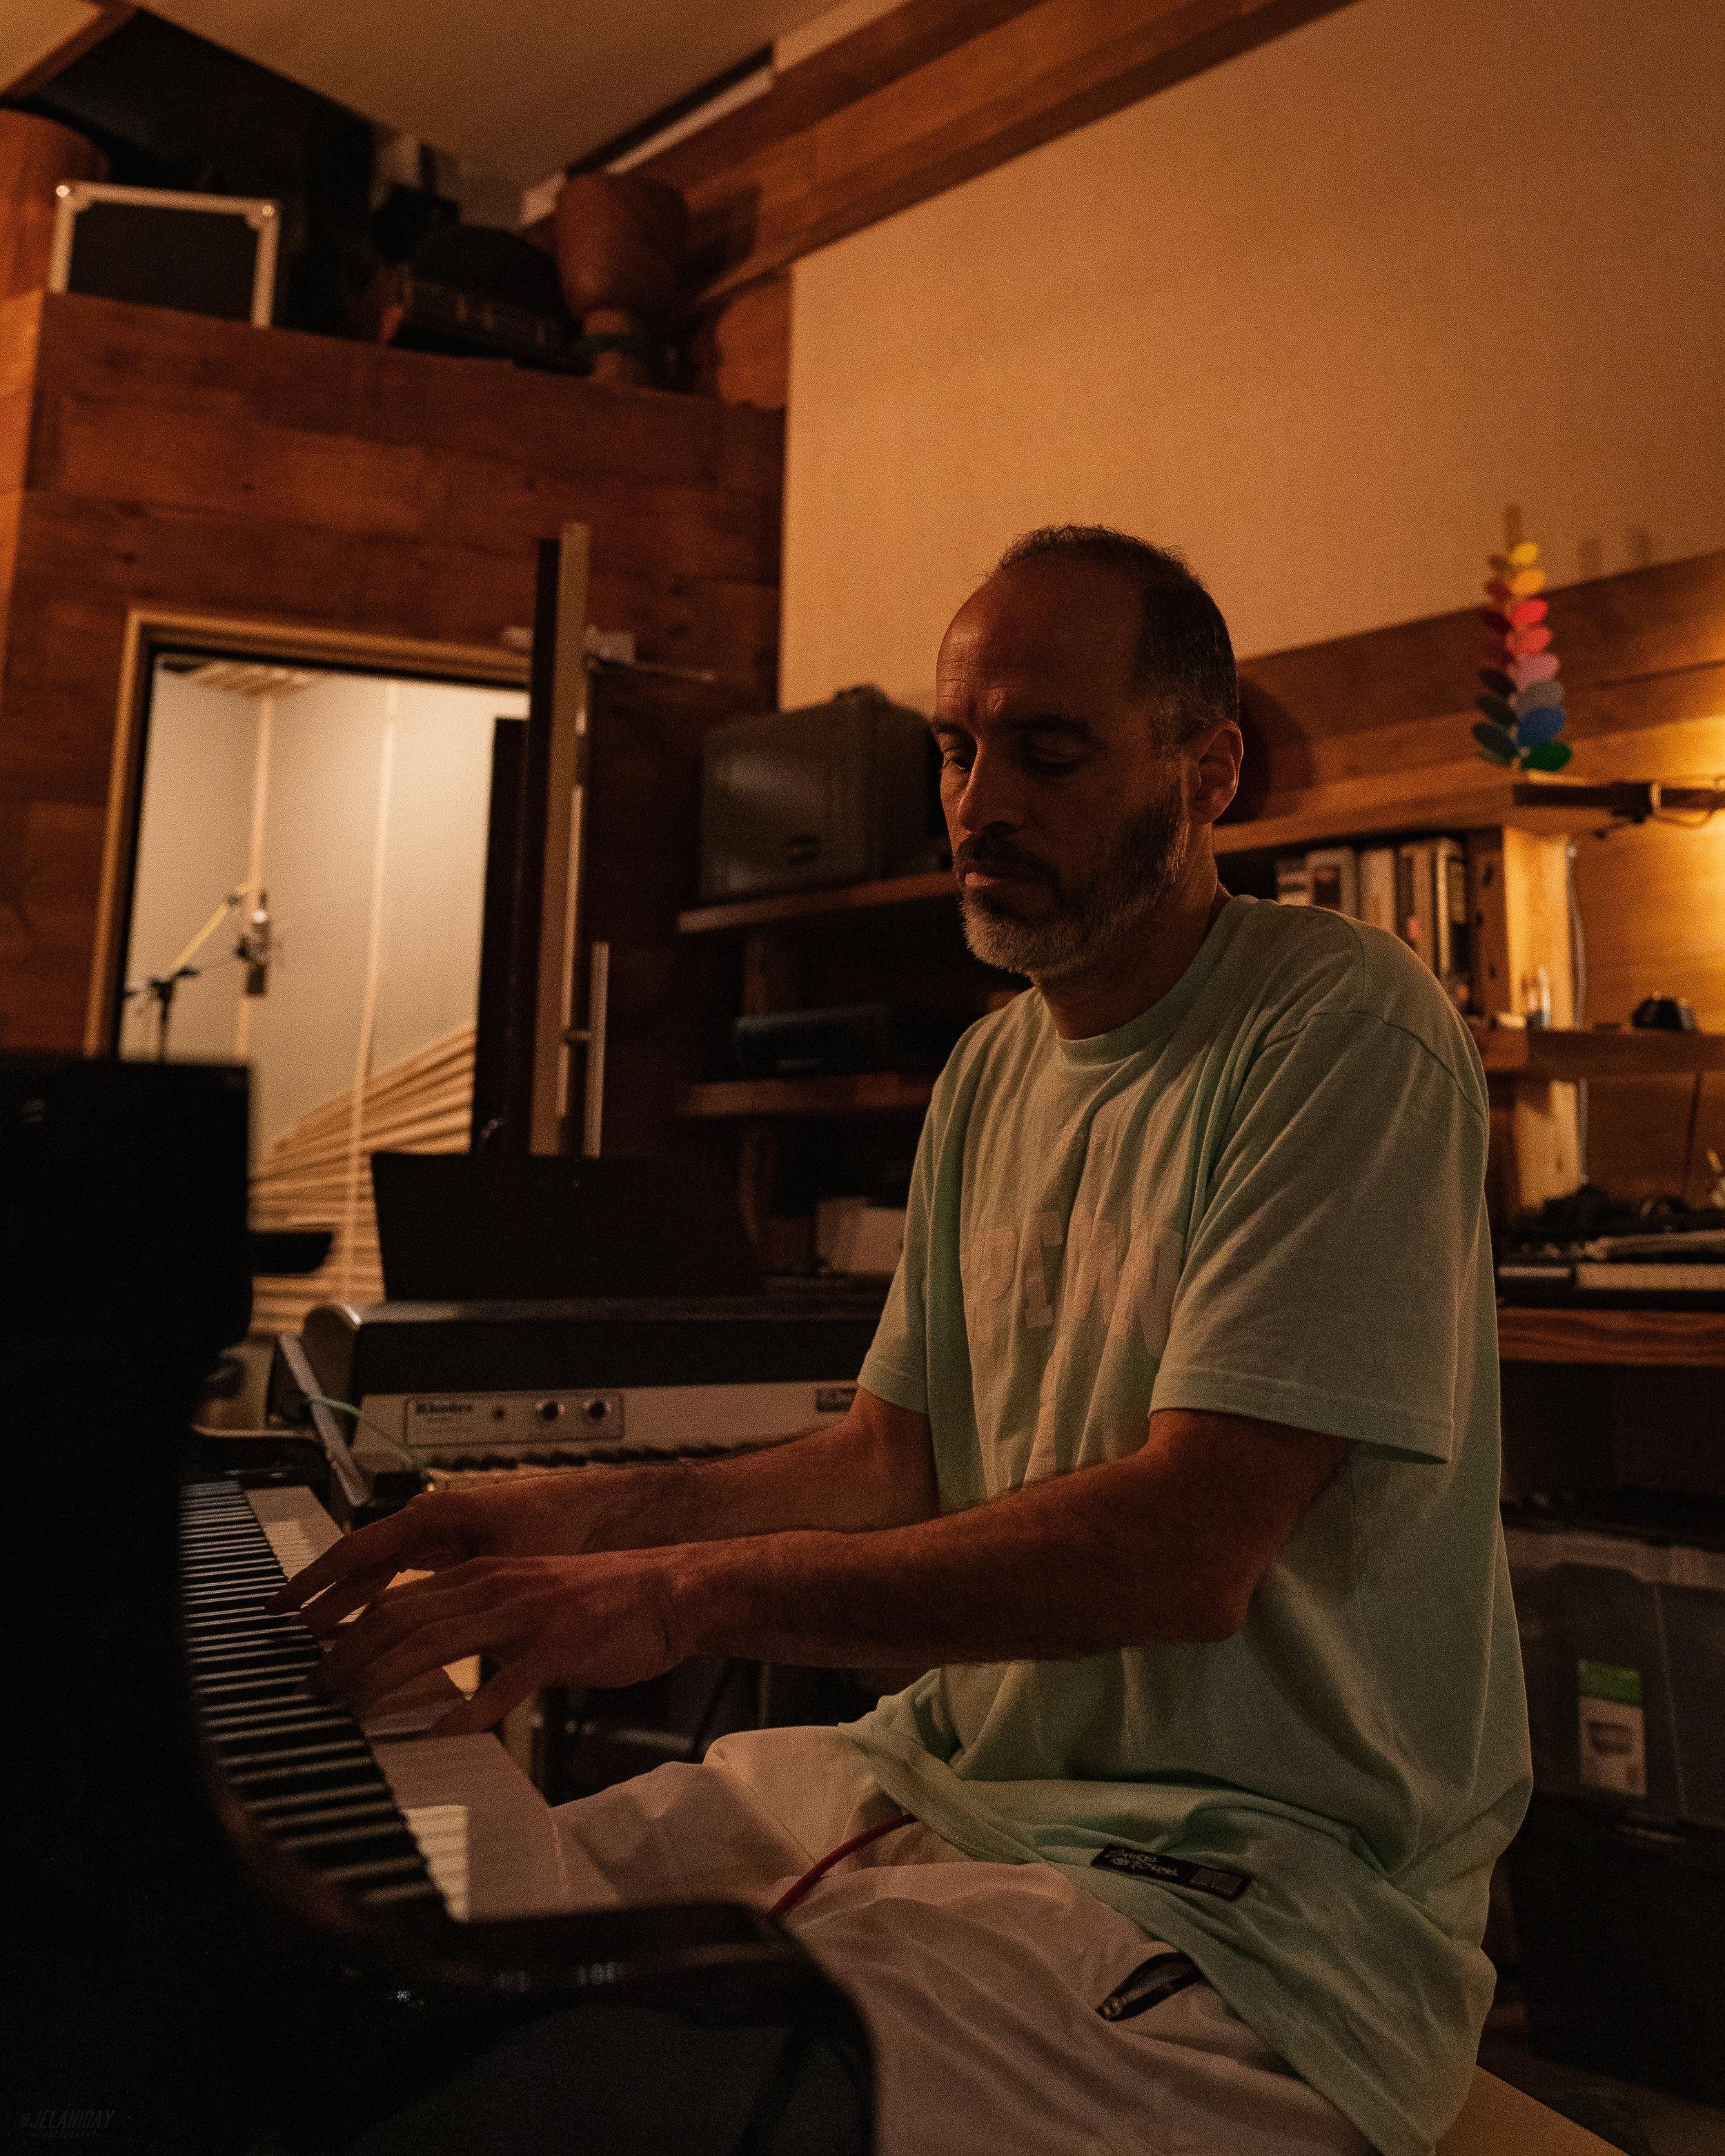 STRETCH AND BOBBITO W THE M19s BAND 4 25 19 BOBBITO PIANO PHOTO JELANI BLAND @jelaniday DSC06205.jpg